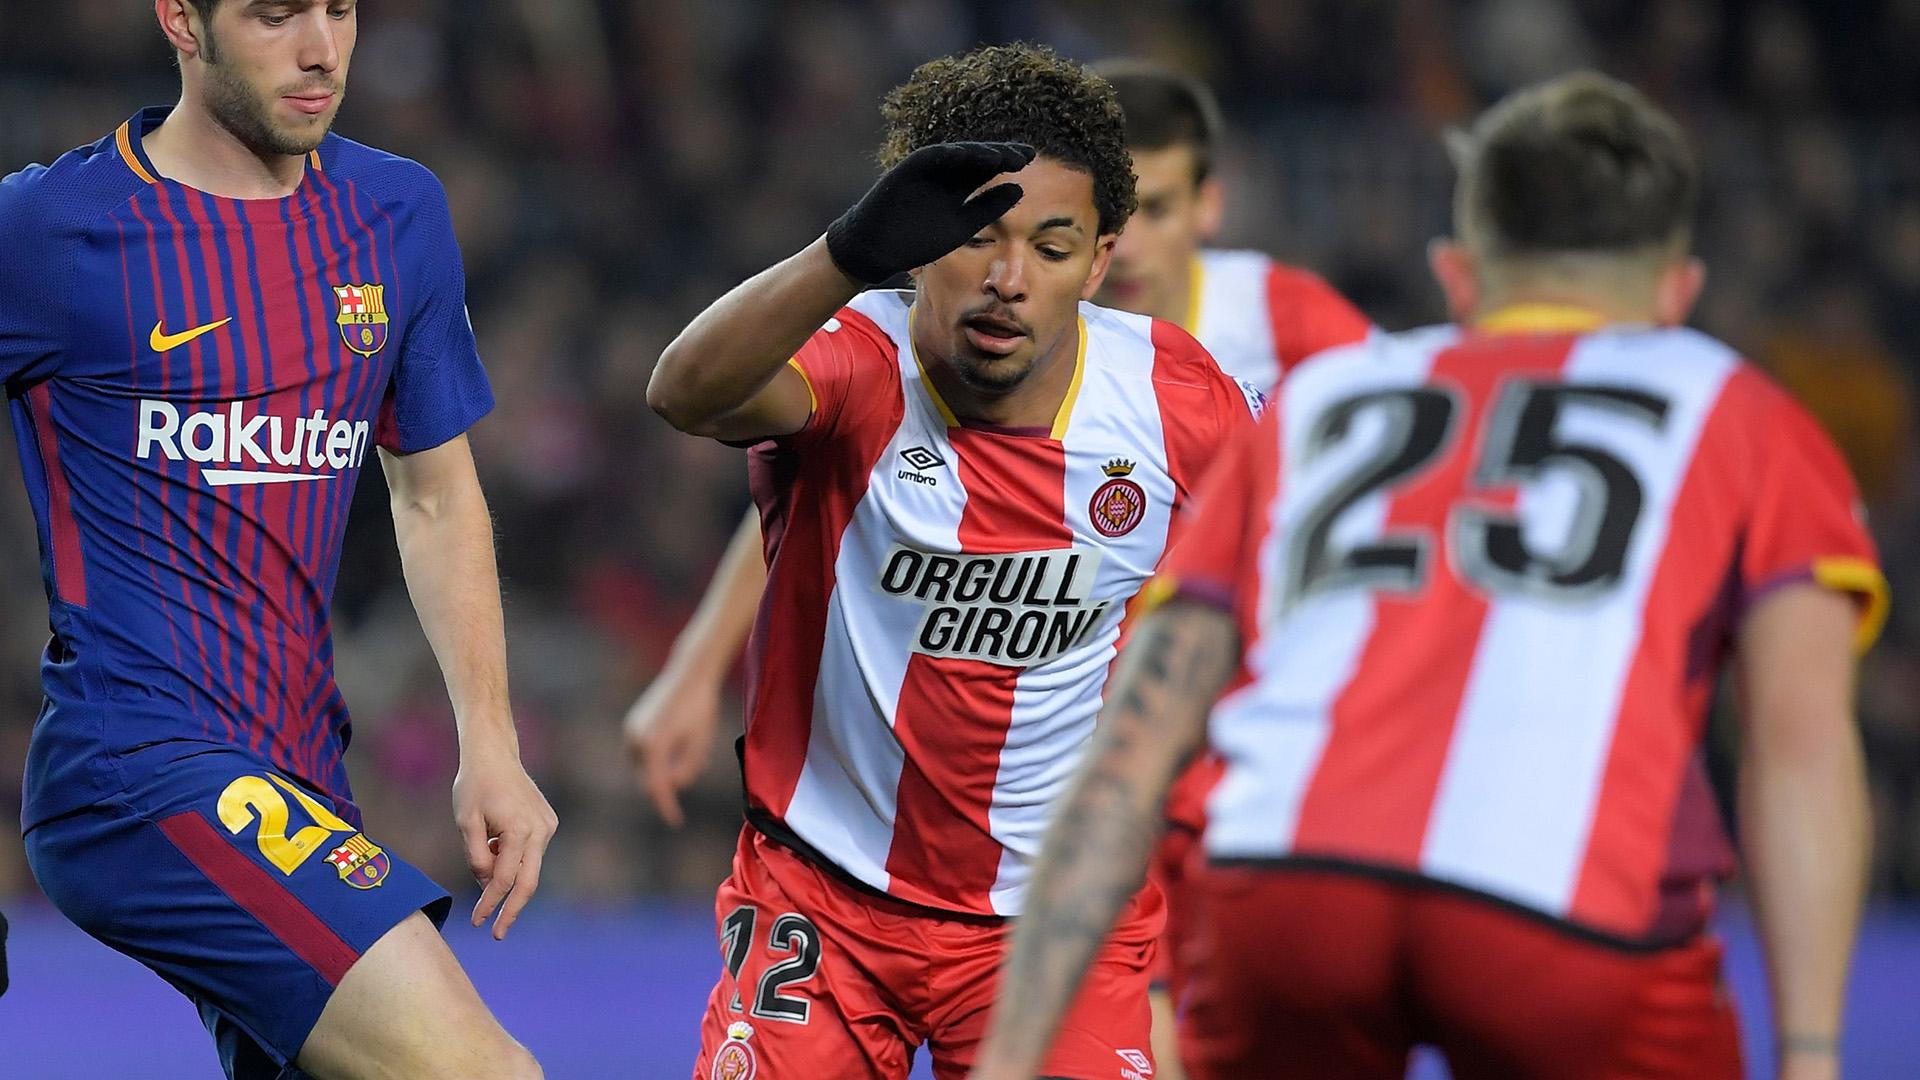 Douglas Luiz Girona Barcelona 2018